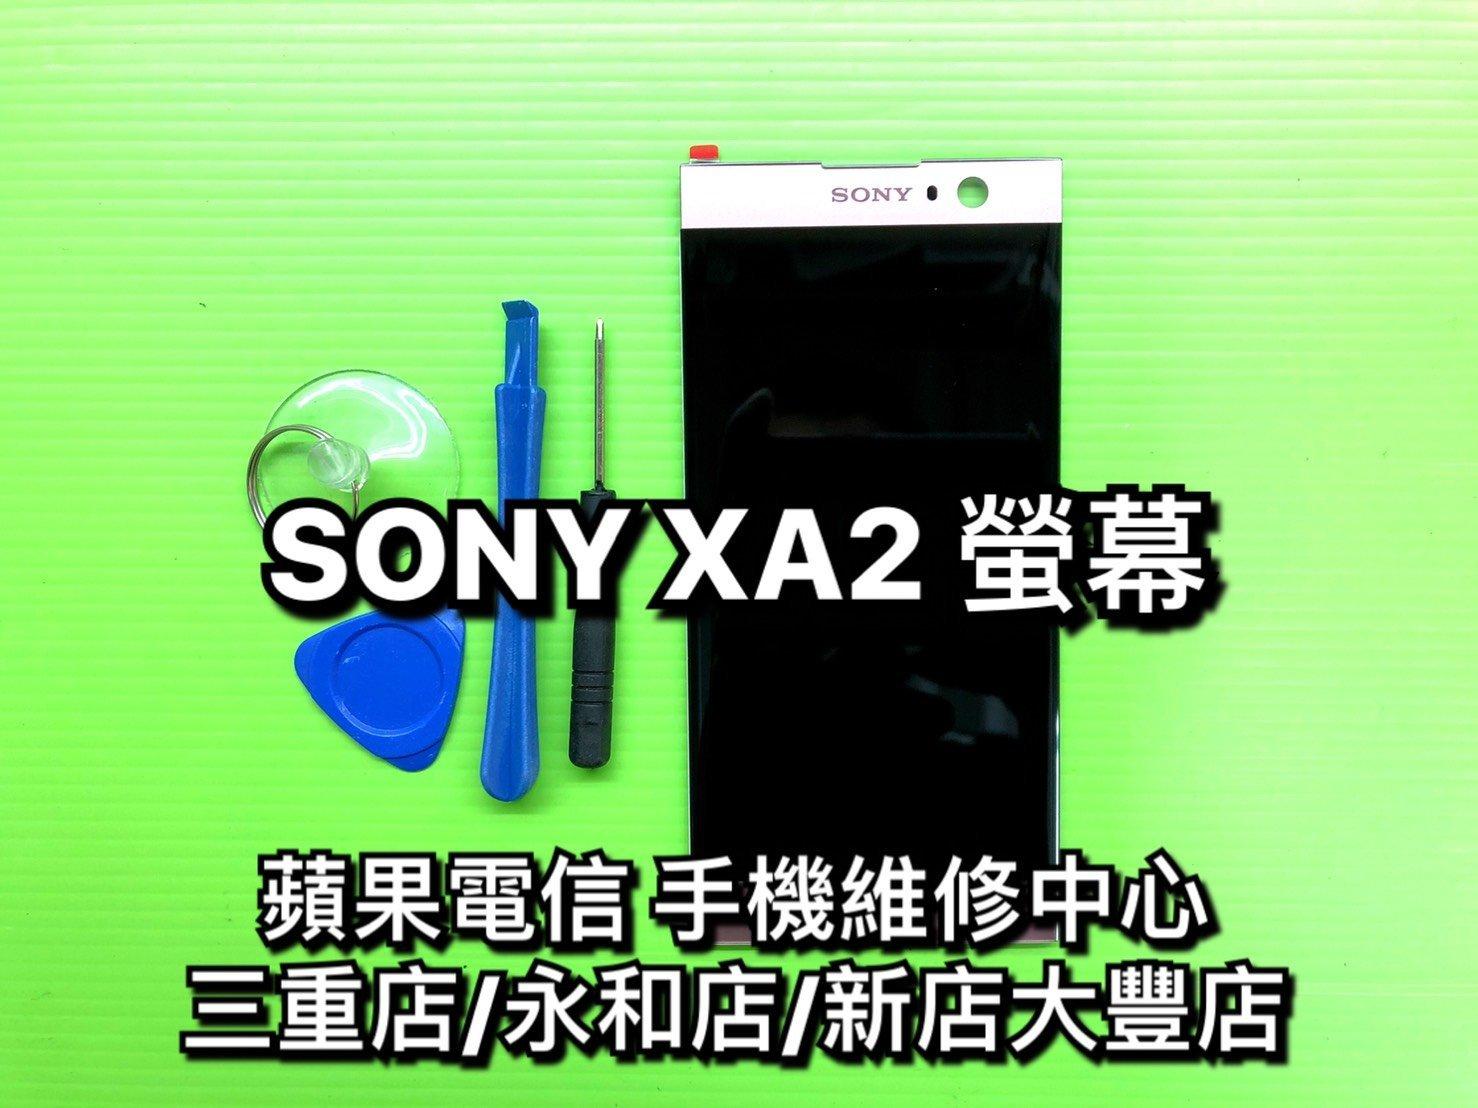 三重/永和【專業維修】SONY XA2 H4133 原廠品質 液晶螢幕總成 觸控玻璃 維修 換螢幕